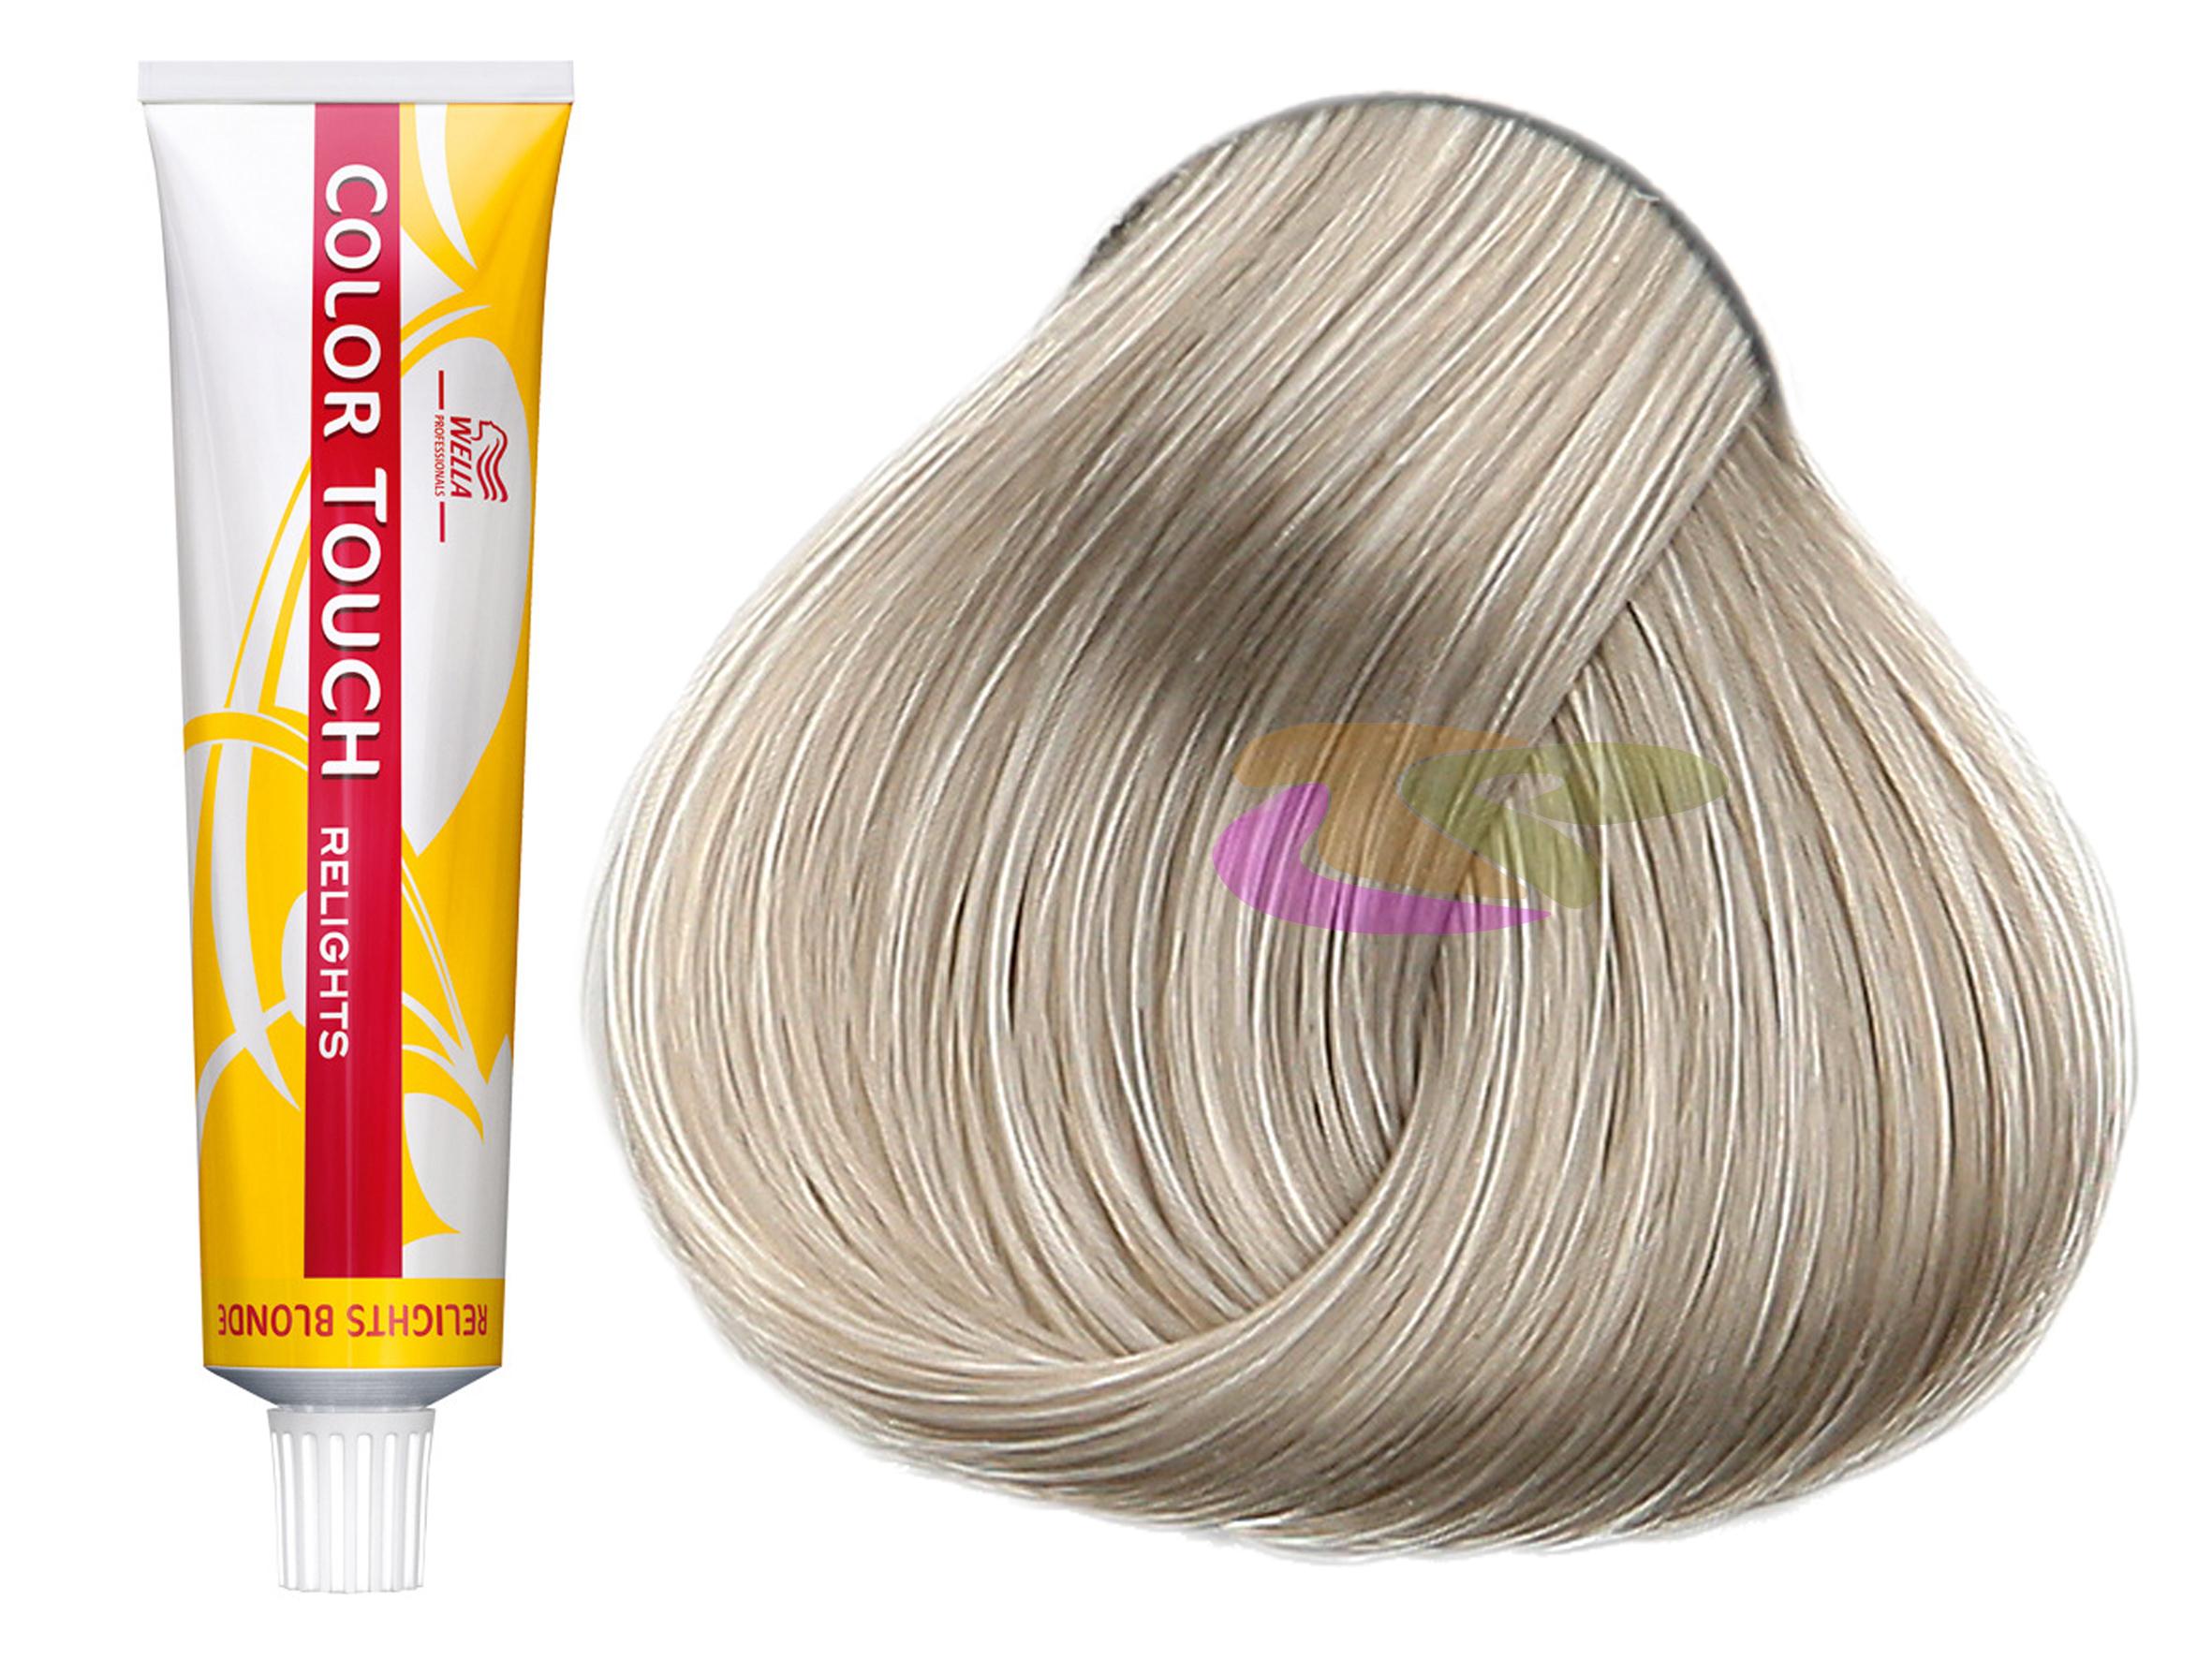 wella bain de couleur nuanceur de mches semi permanente color touch relights blonde - Color Touch Wella Mode D Emploi